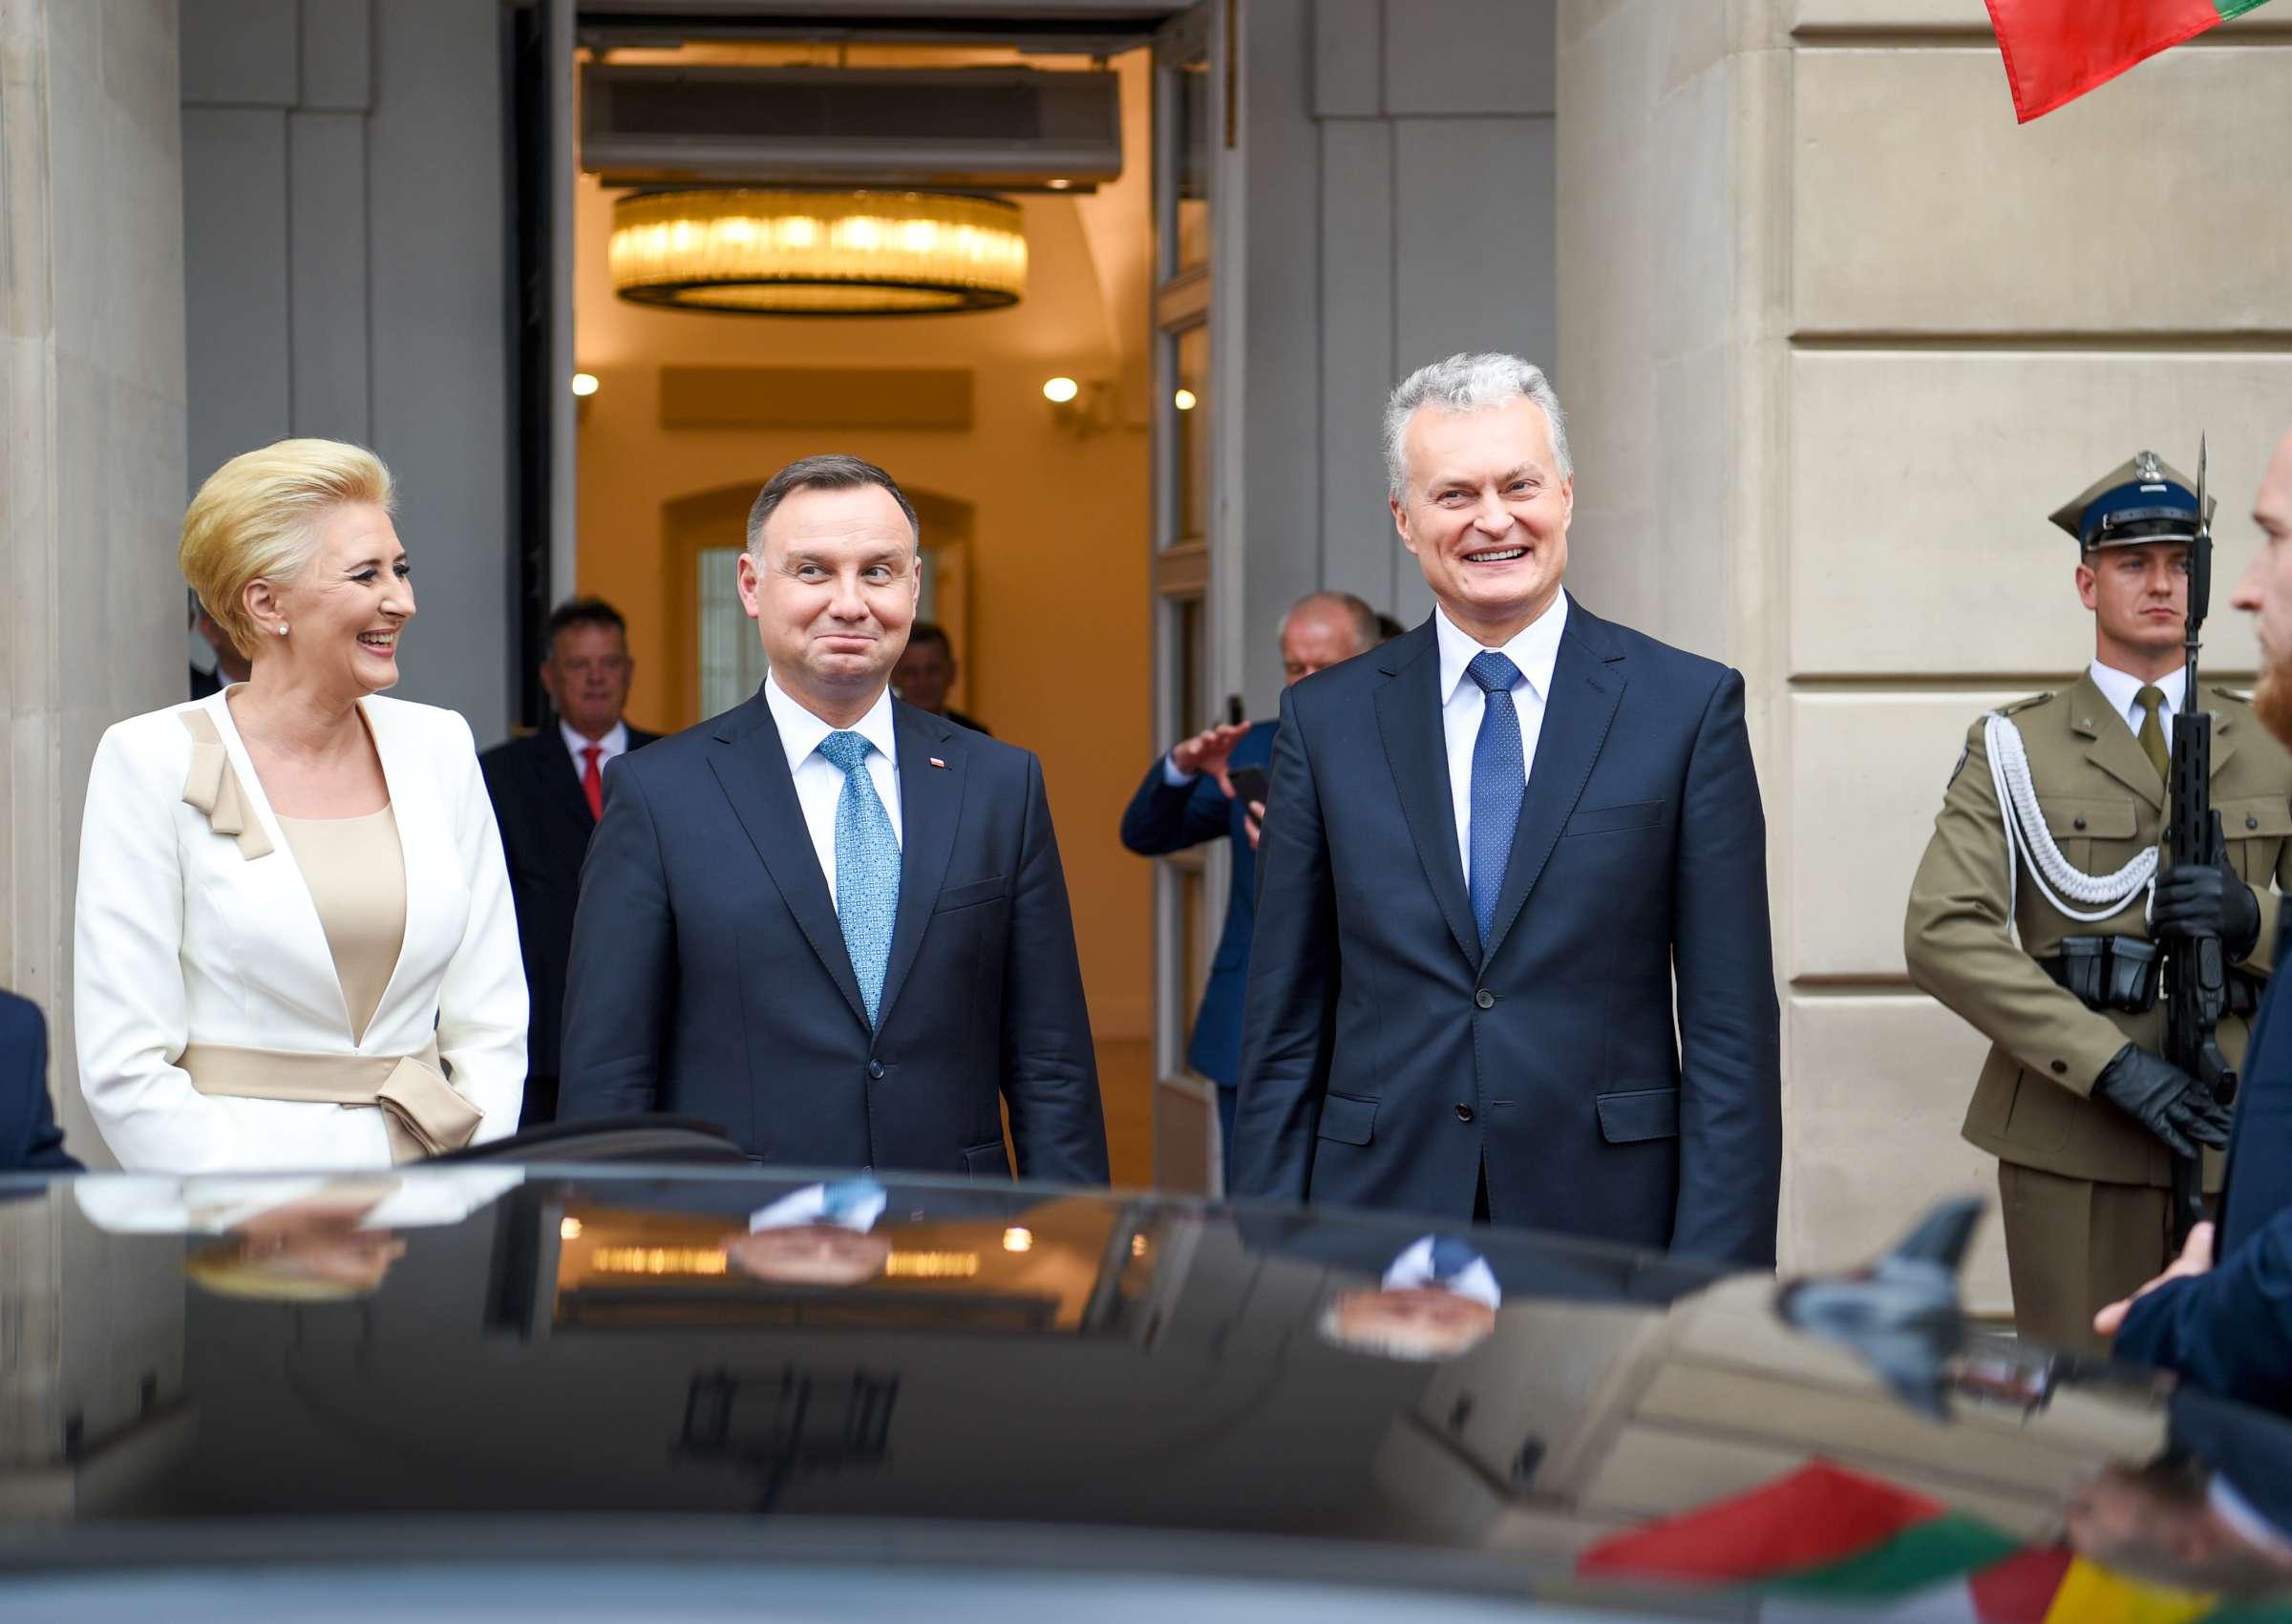 Lietuvos prezidentas Gitanas Nausėda su Lenkijos prezidentas Andžejus Duda ir Agata Kornhauser-Duda   lrp.lt, R. Dačkaus nuotr.